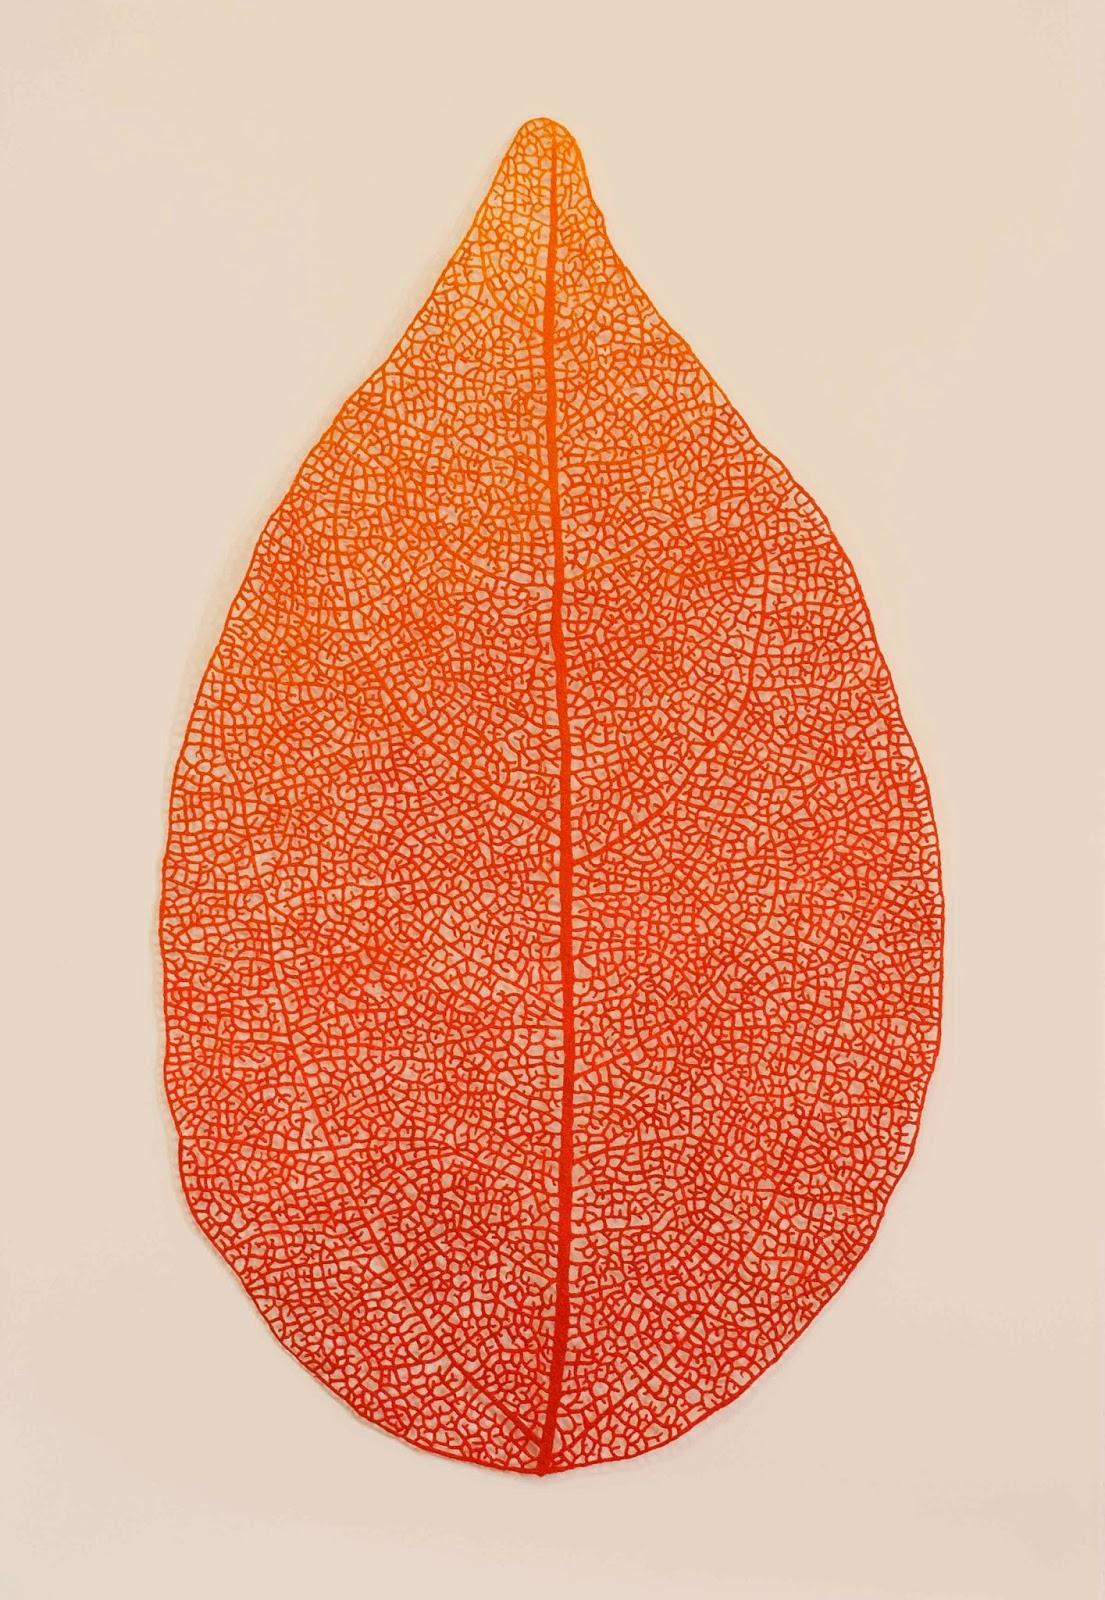 'Autumn leaf' - Meredith Woolnough